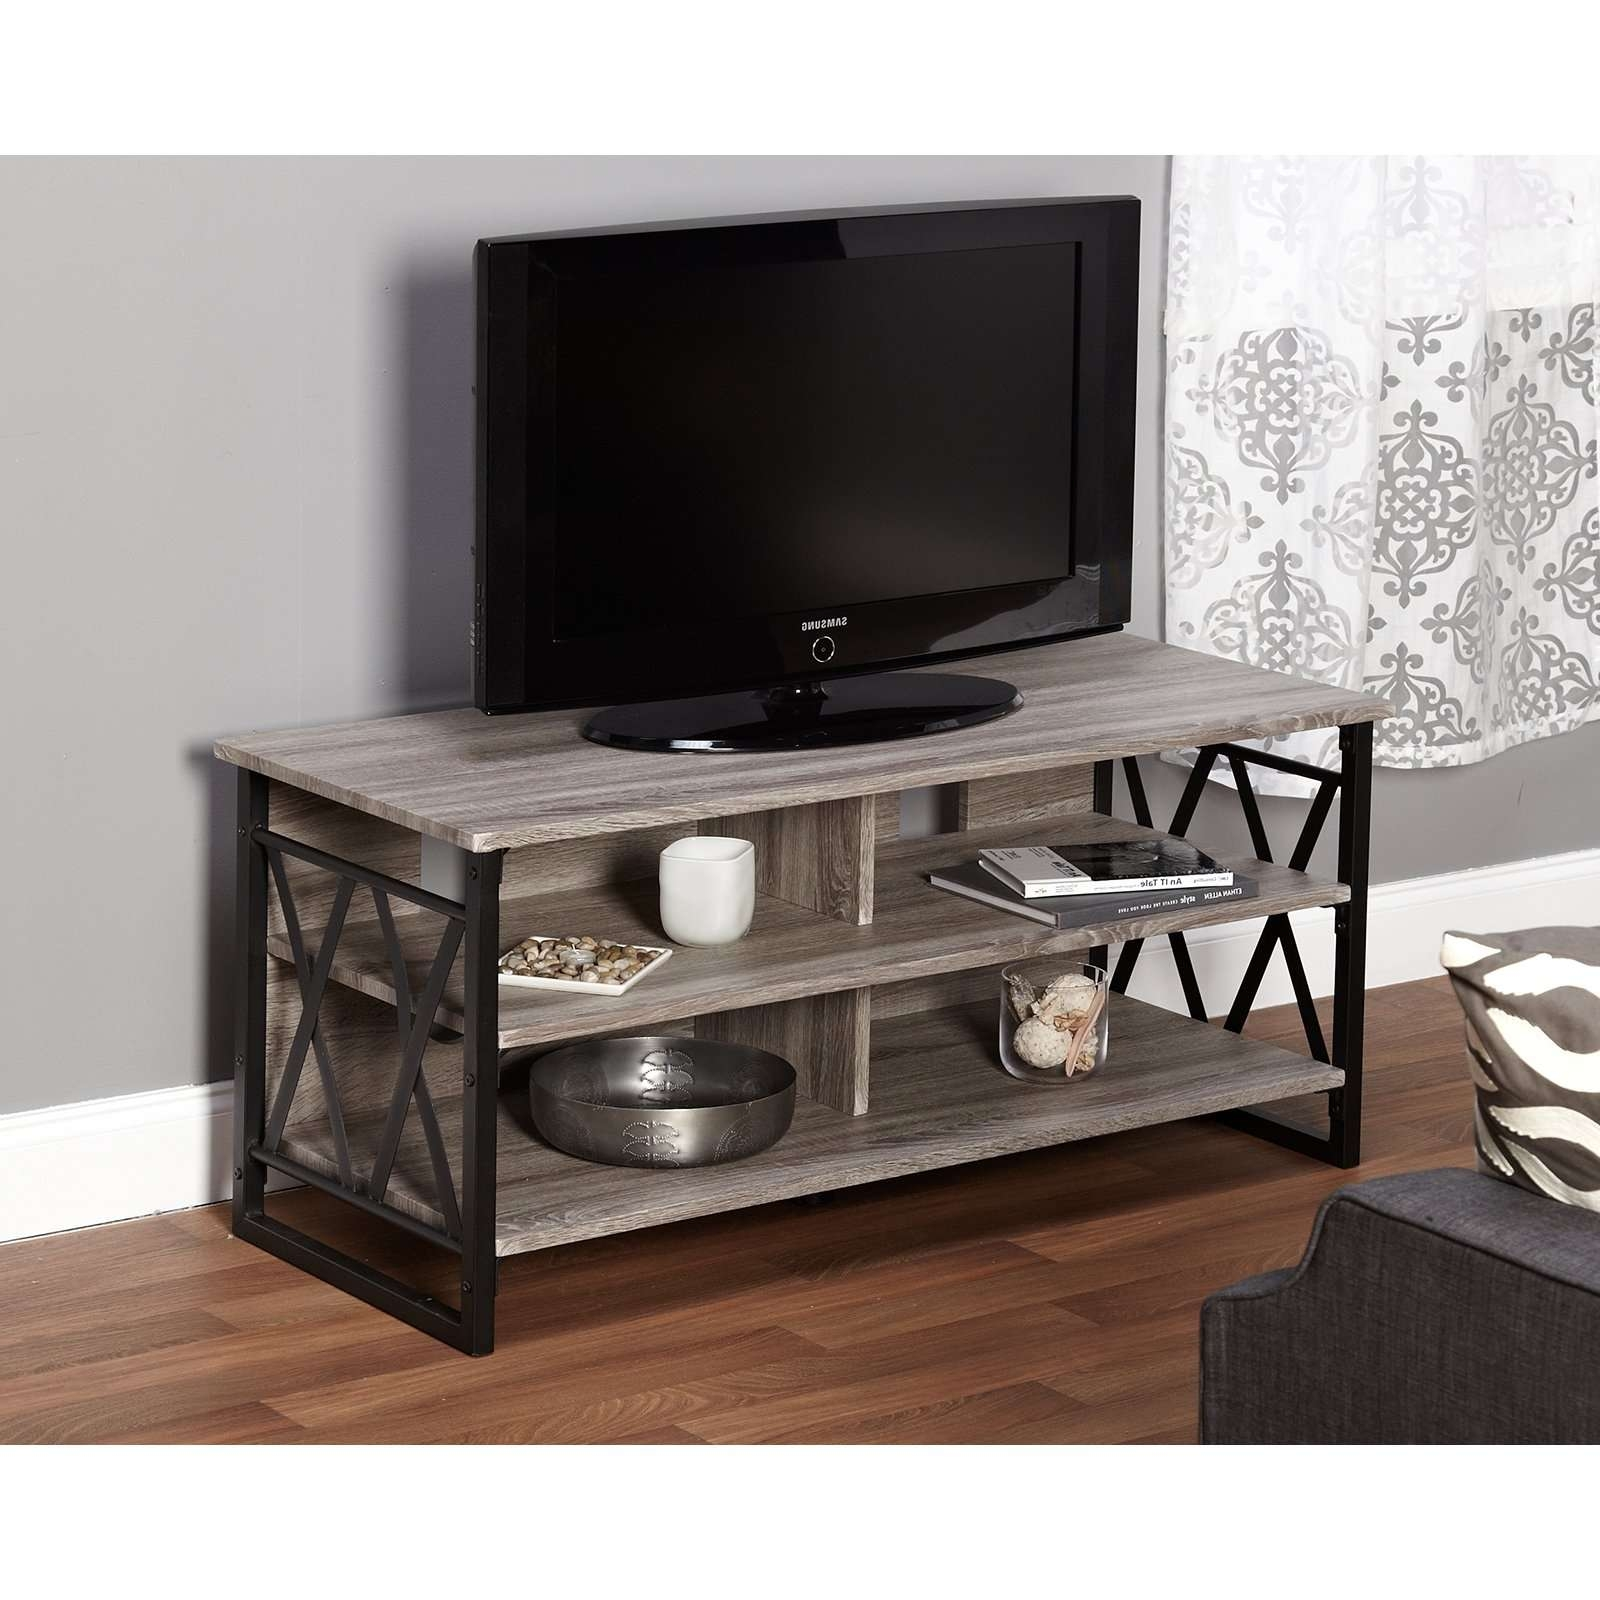 Belham Living Edison Reclaimed Wood Tv Stand | Hayneedle With Reclaimed Wood And Metal Tv Stands (View 1 of 15)